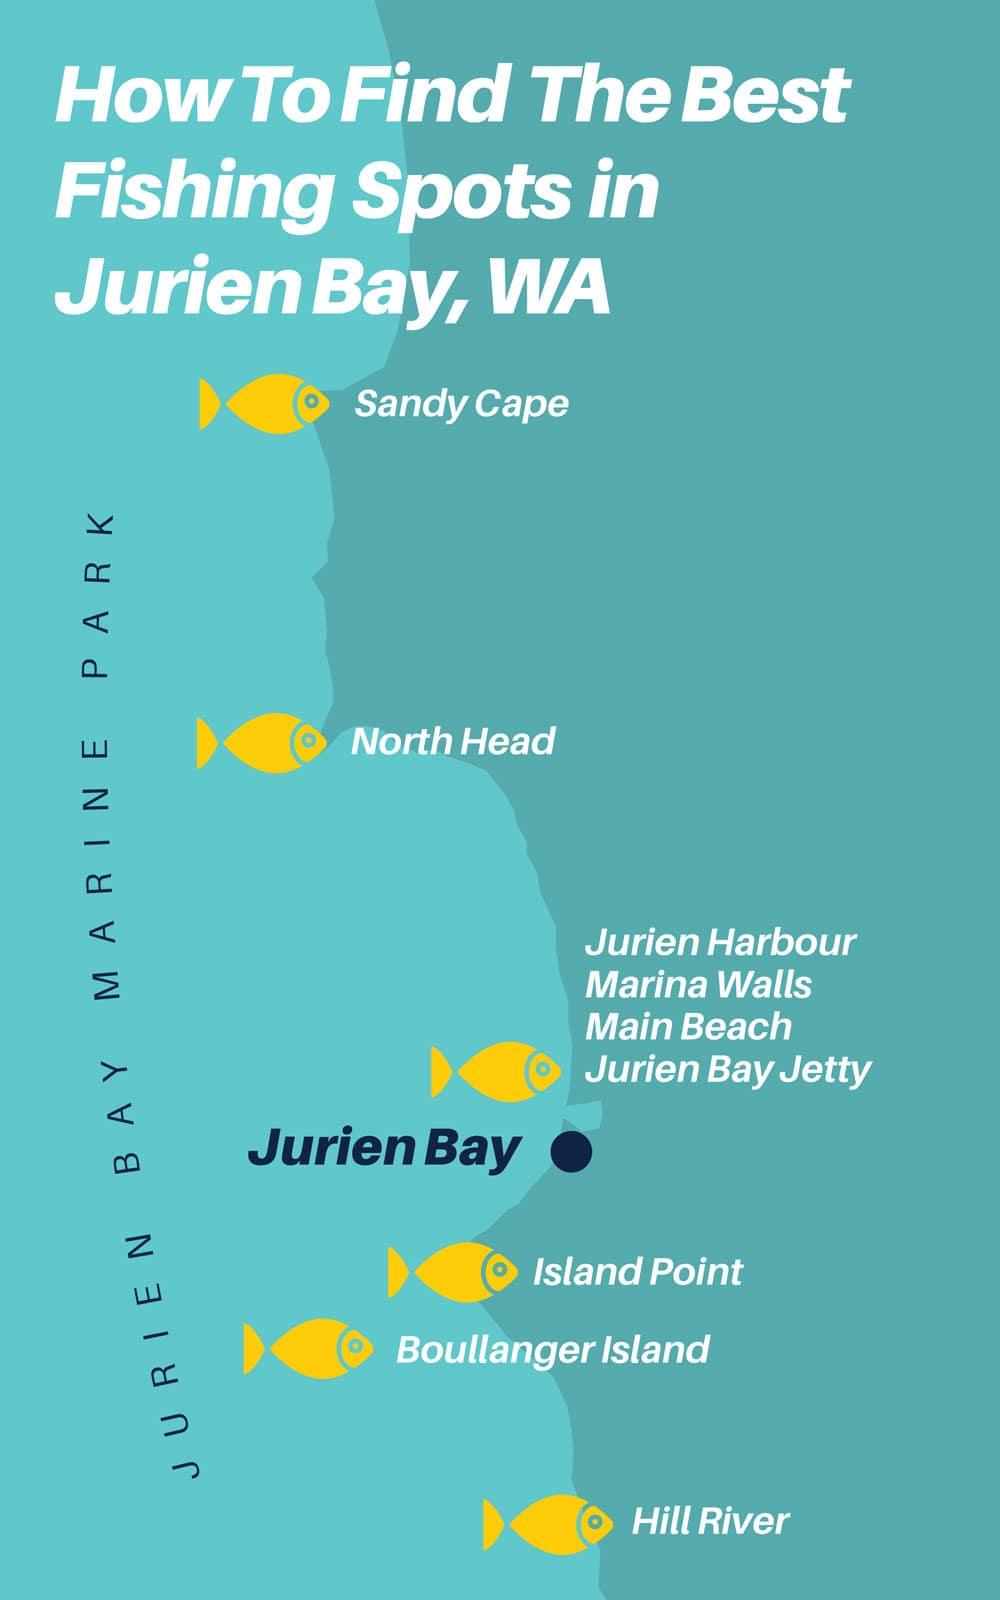 jurien bay fishing spots